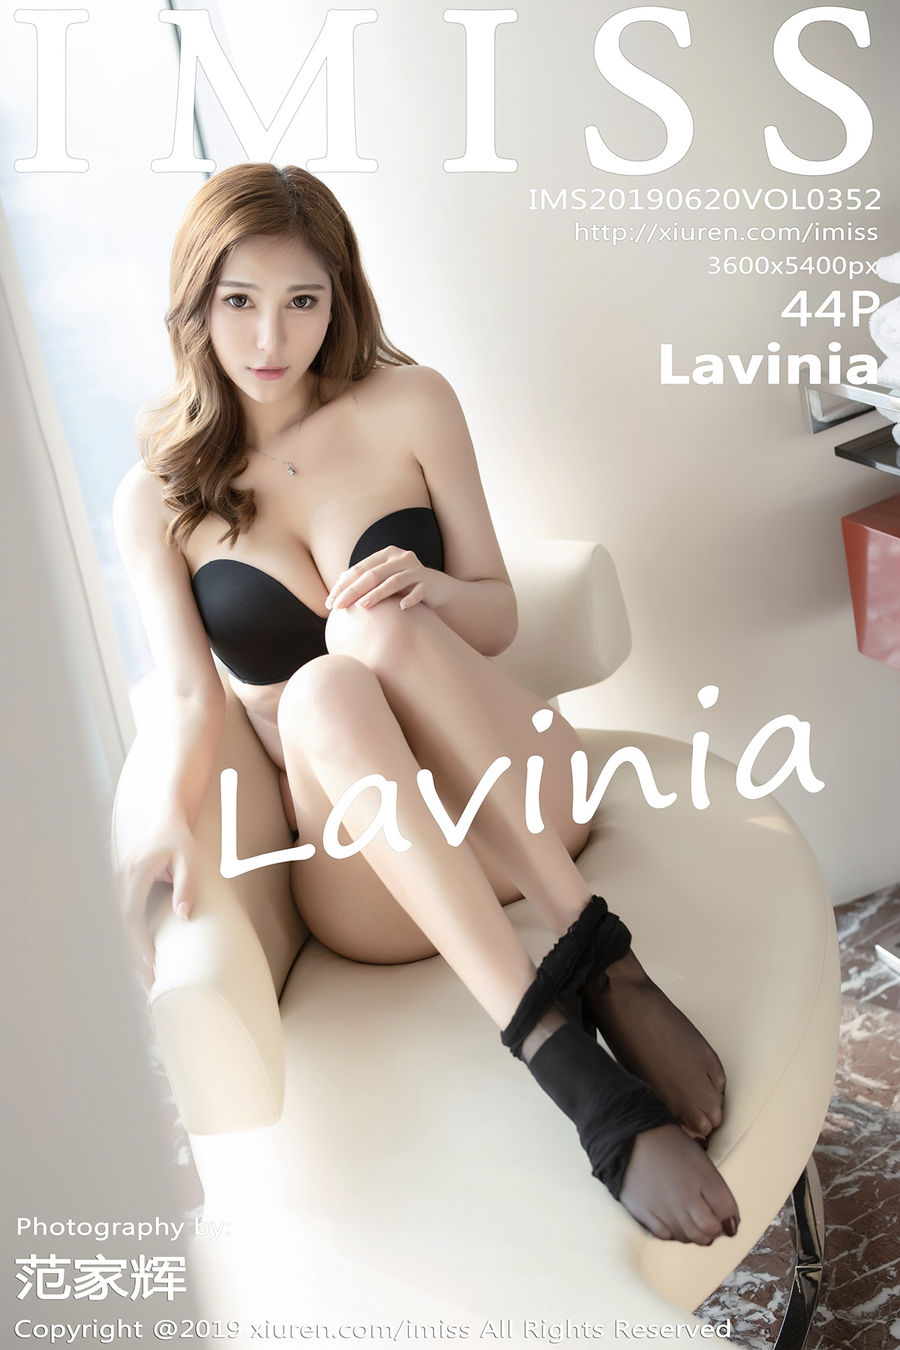 [IMISS爱蜜社] VOL.352 Lavinia [52+1P/108M]